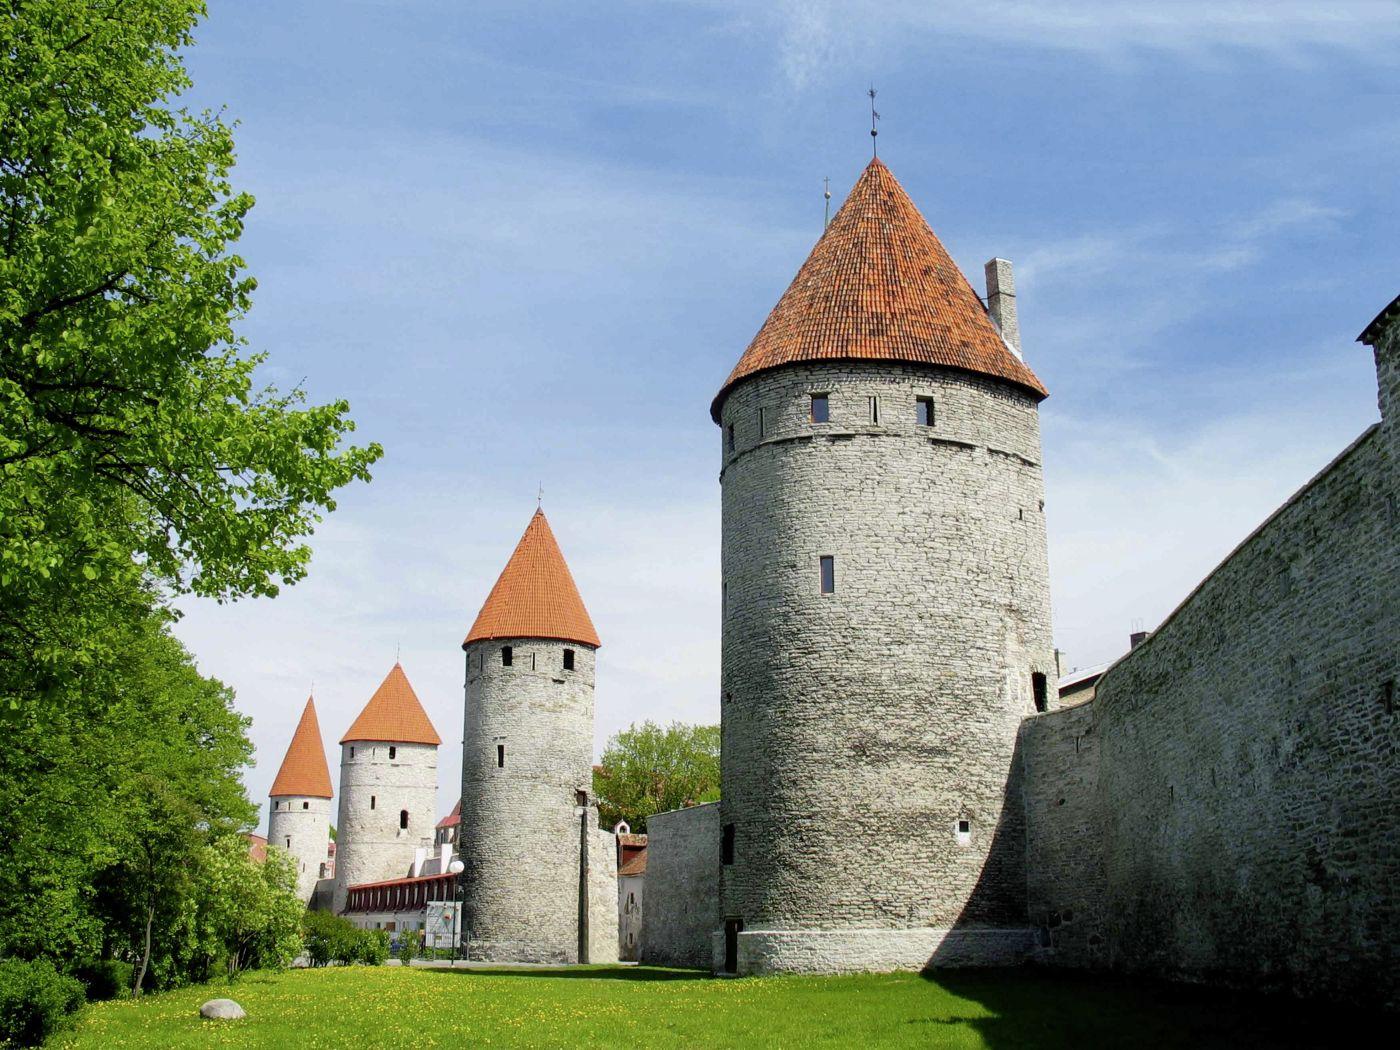 Tallinn_Stadtmauer_(c) Estonian Tourist Board_Jaak Nilson (c) Marco Polo Reisen